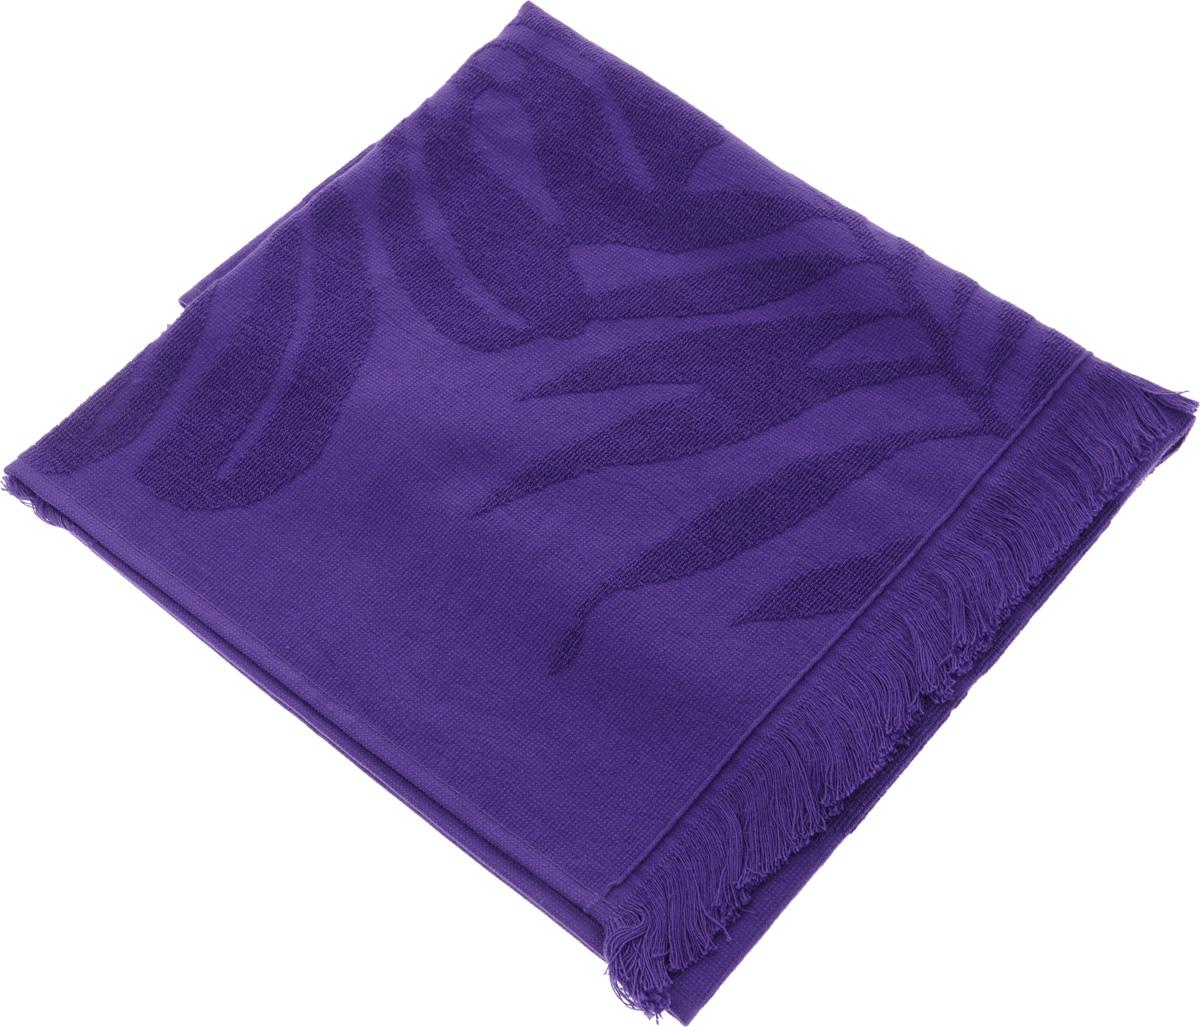 Полотенце Issimo Home Nadia, цвет: фиолетовый, 50 x 90 см4983Полотенце Issimo Home Nadia выполнено из 100% хлопка. Изделие отлично впитывает влагу, быстро сохнет, сохраняет яркость цвета и не теряет форму даже после многократных стирок. Полотенце очень практично и неприхотливо в уходе. Оно прекрасно дополнит интерьер ванной комнаты.